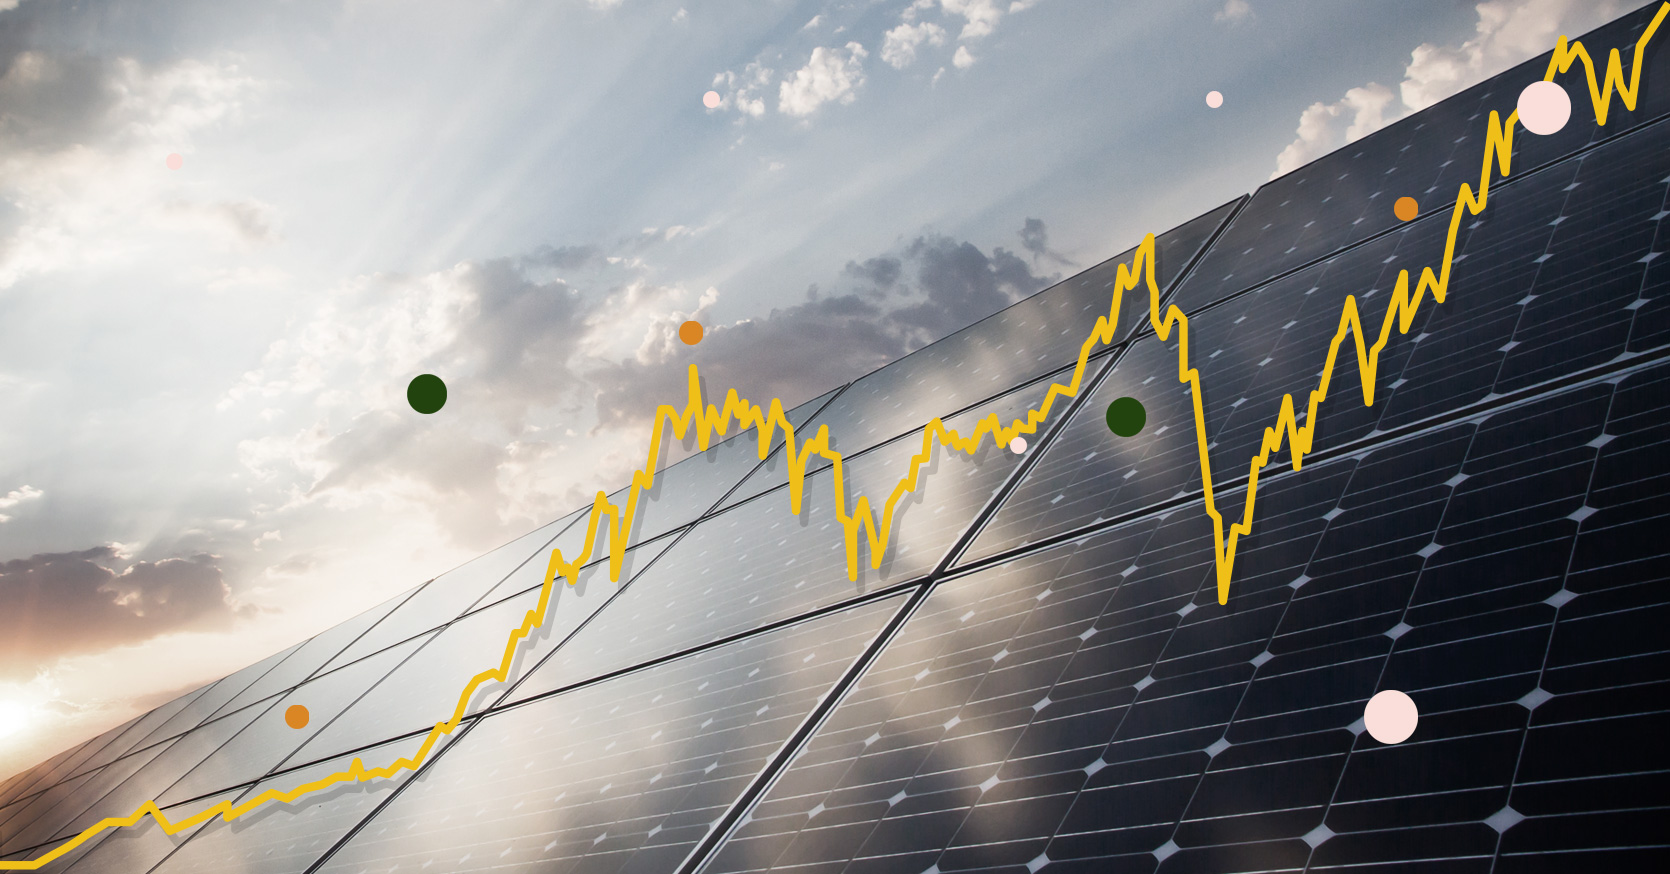 Finanza sostenibile, la rivoluzione Esg sta cambiando i prodotti di investimento